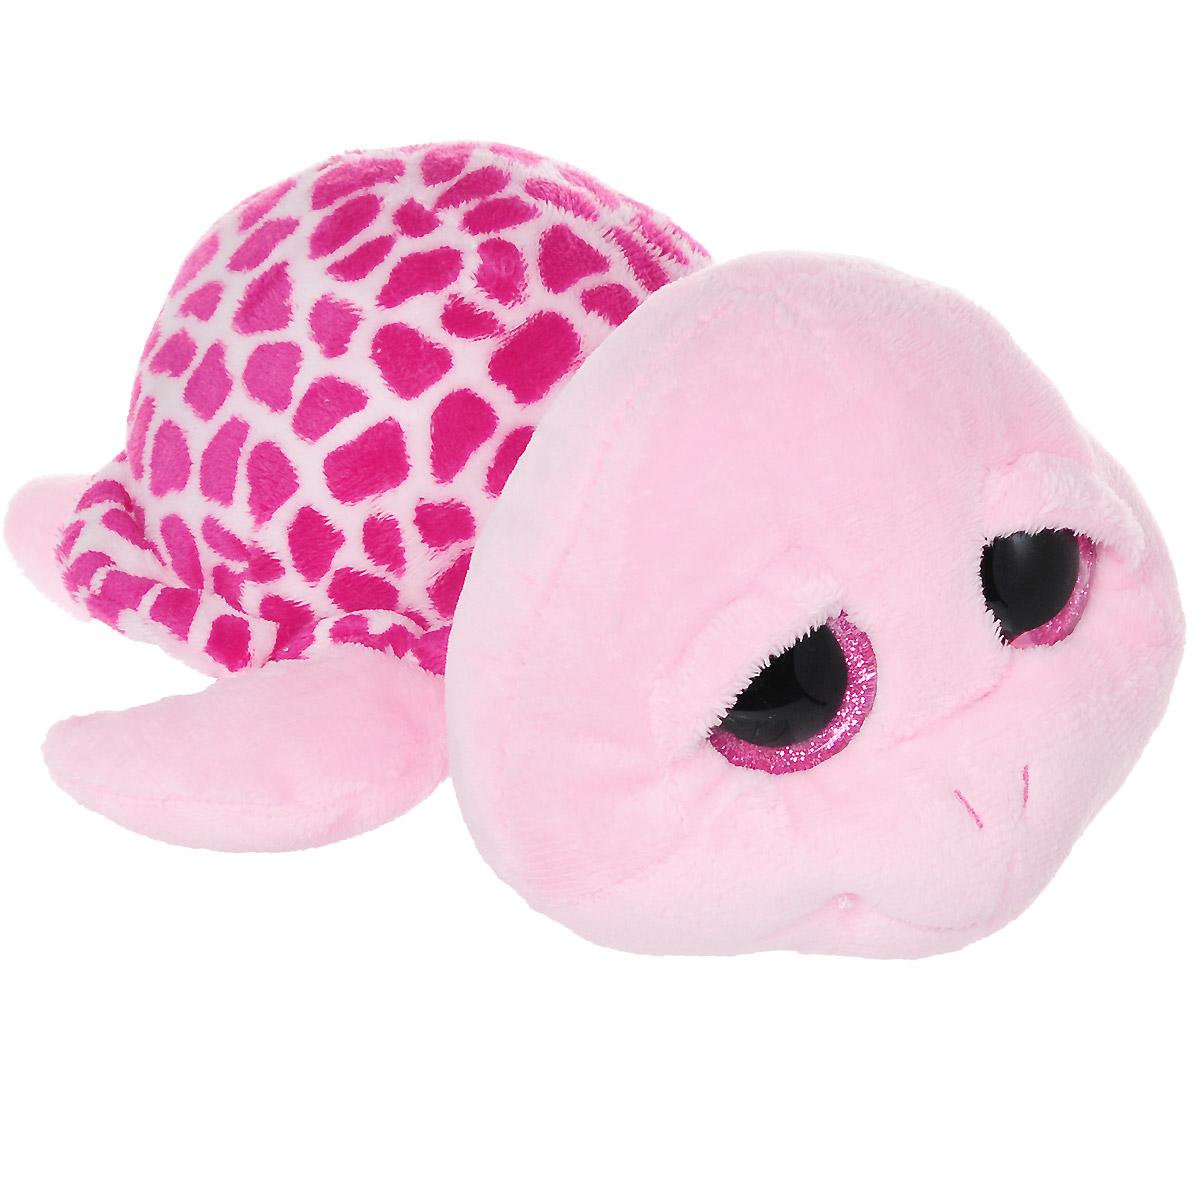 Мягкая игрушка Beanie Boos Черепашка Shellby, 45 см36810Очаровательная мягкая игрушка Beanie Boos Черепашка Shellby, выполненная в виде трогательной черепашки, непременно вызовет улыбку и симпатию и у детей, и у взрослых. Милая черепашка с выразительными искрящимися глазками изготовлена из высококачественного мягкого текстильного материала с набивкой из синтепона. Как и все игрушки серии Beanie Boos, она изготовлена вручную, с любовью и вниманием к деталям. Удивительно мягкая игрушка принесет радость и подарит своему обладателю мгновения нежных объятий и приятных воспоминаний. Великолепное качество исполнения делают эту игрушку чудесным подарком к любому празднику.